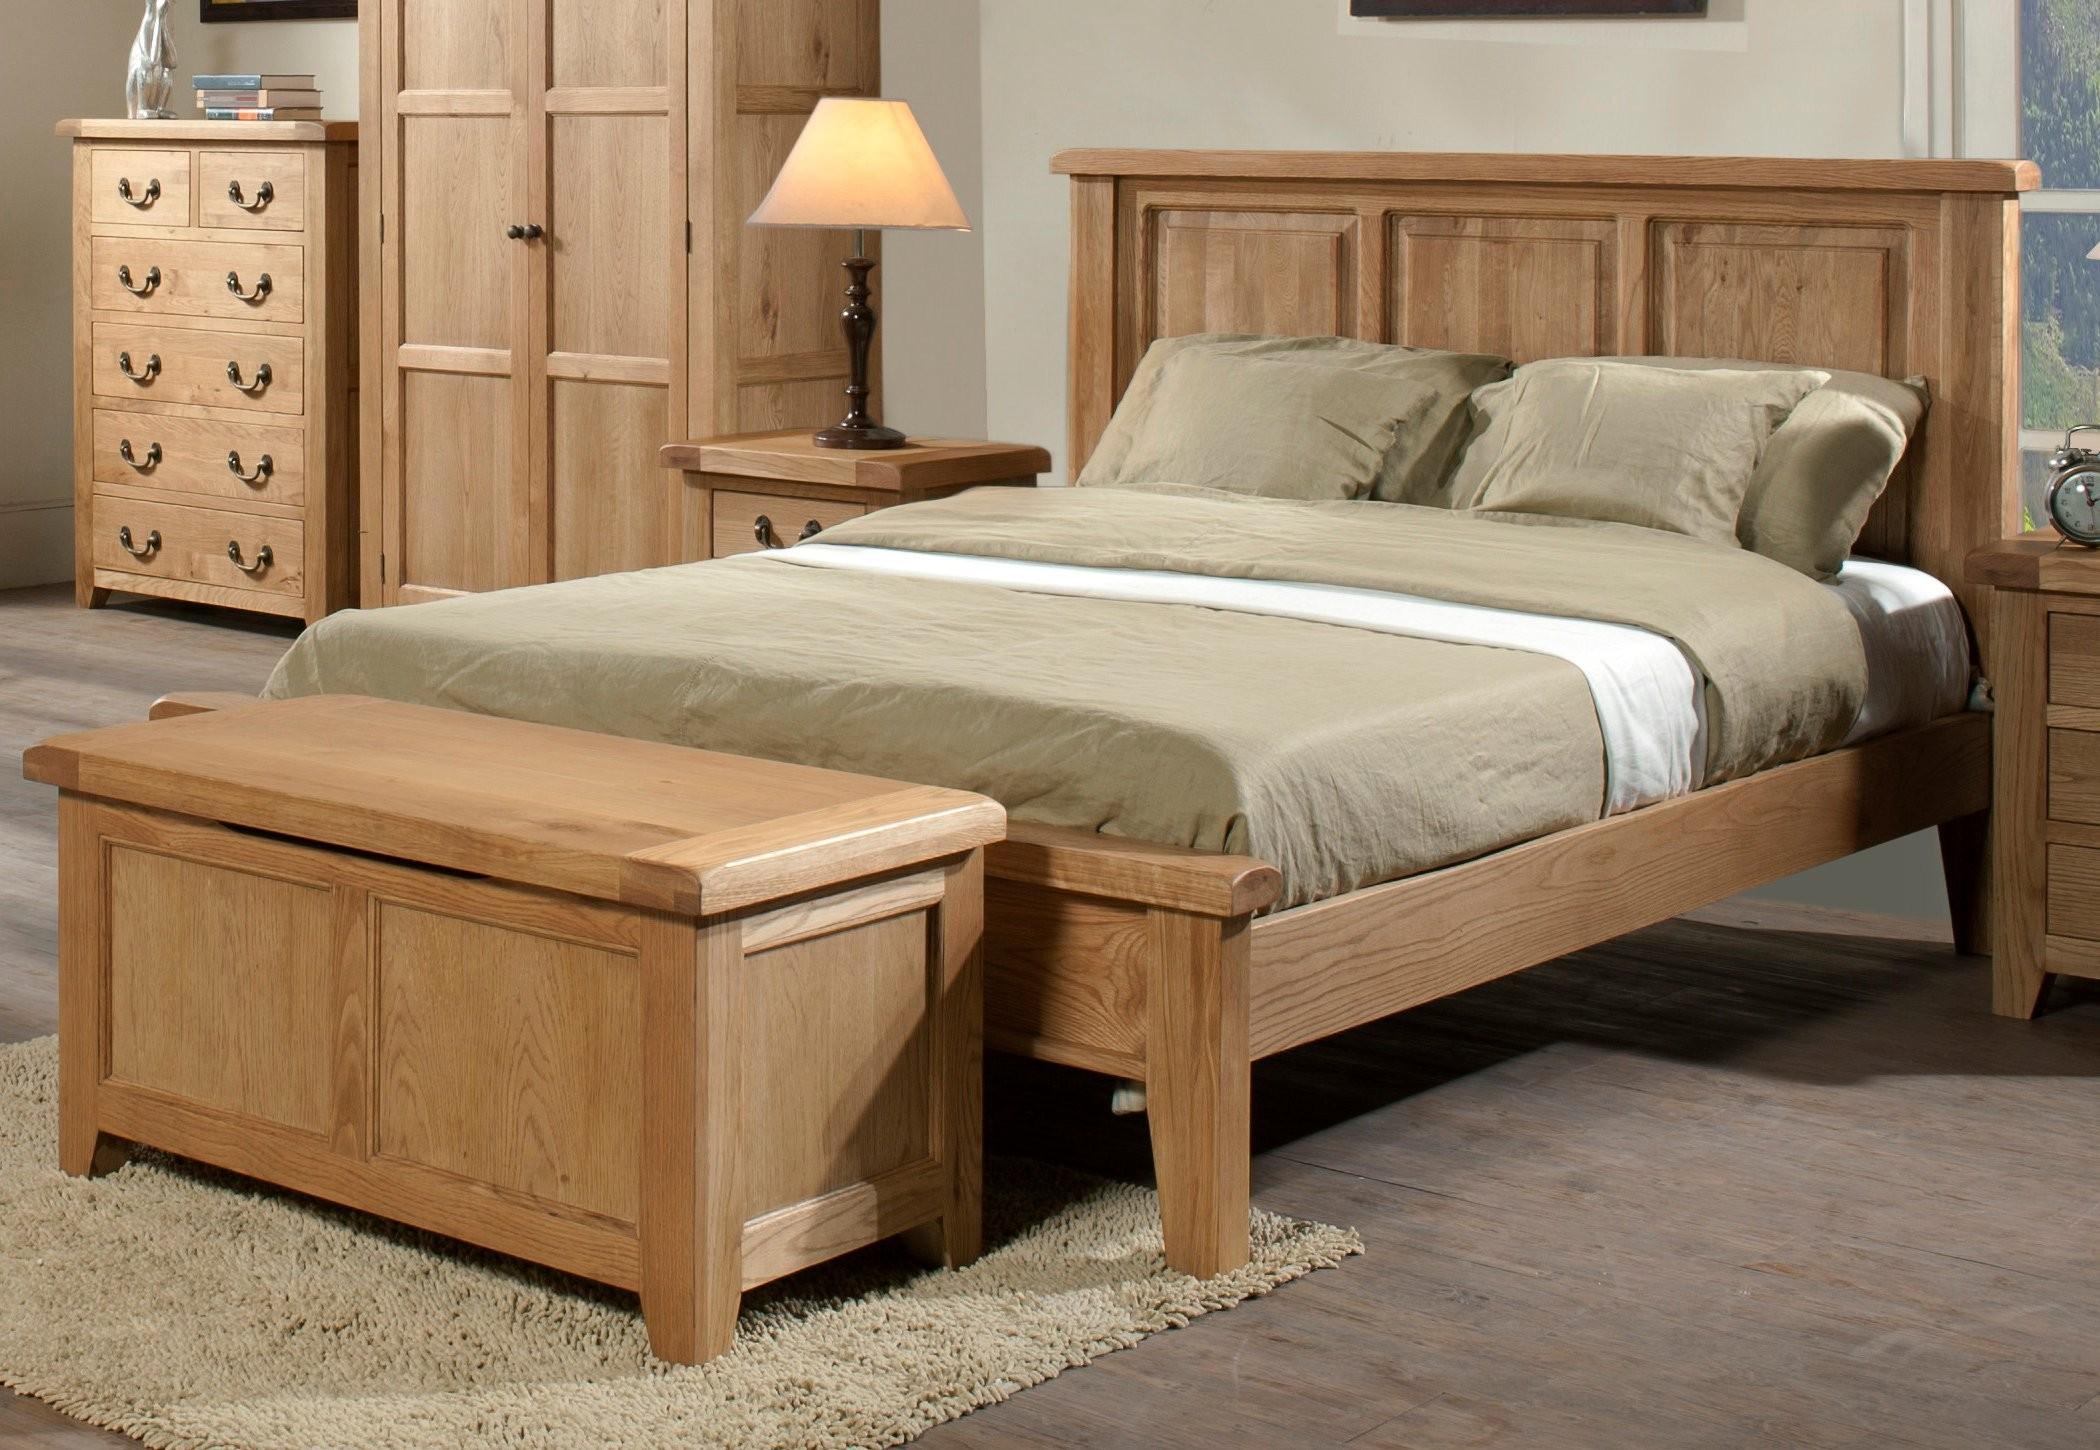 Кровать из дерева в стиле кантри